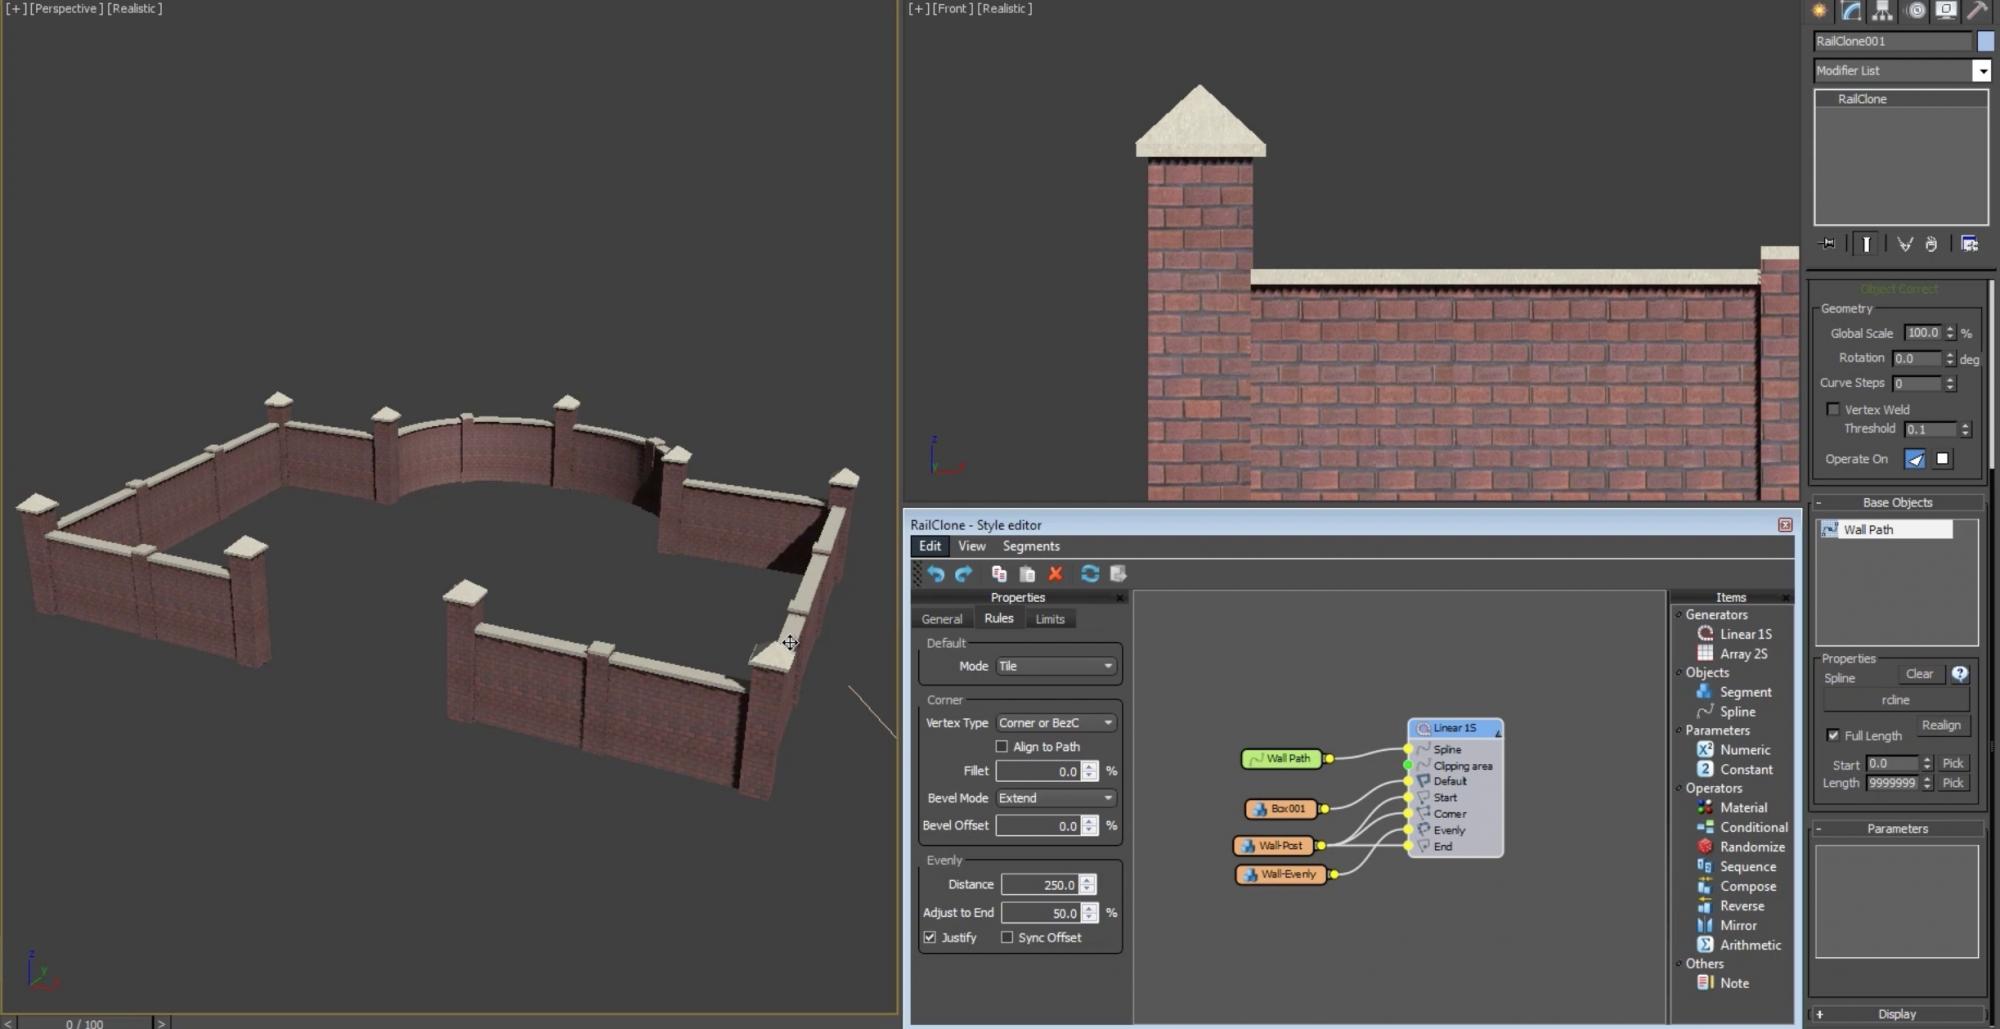 Building a masonry wall